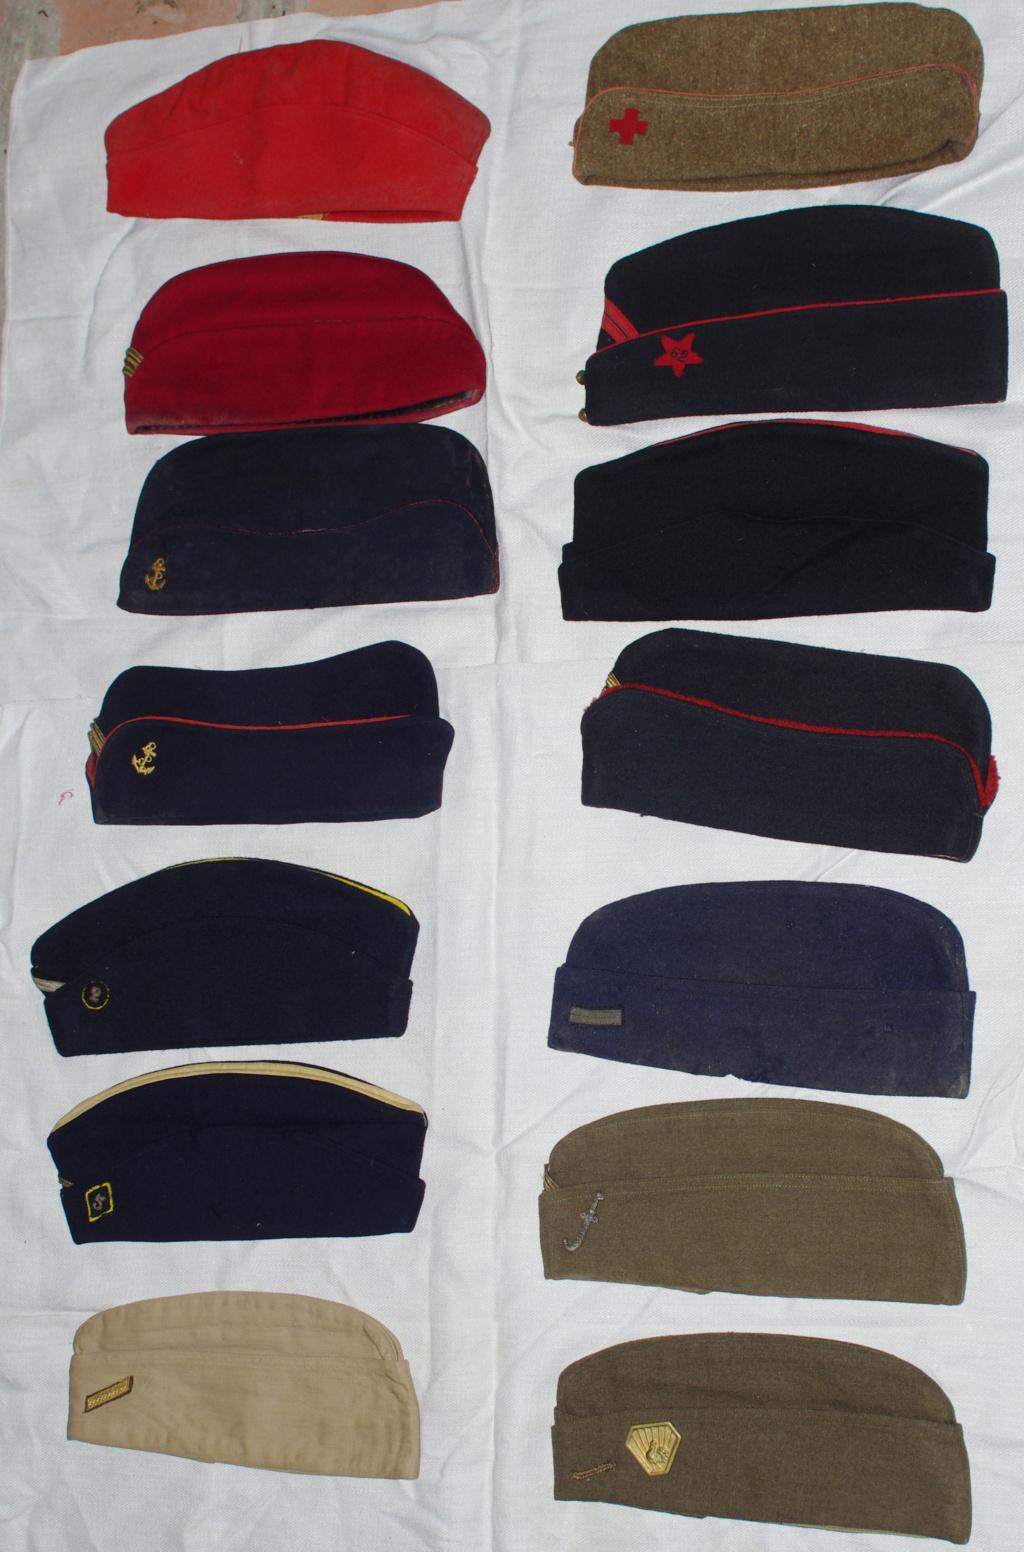 Les bonnets de police - Page 4 Ik5m6814